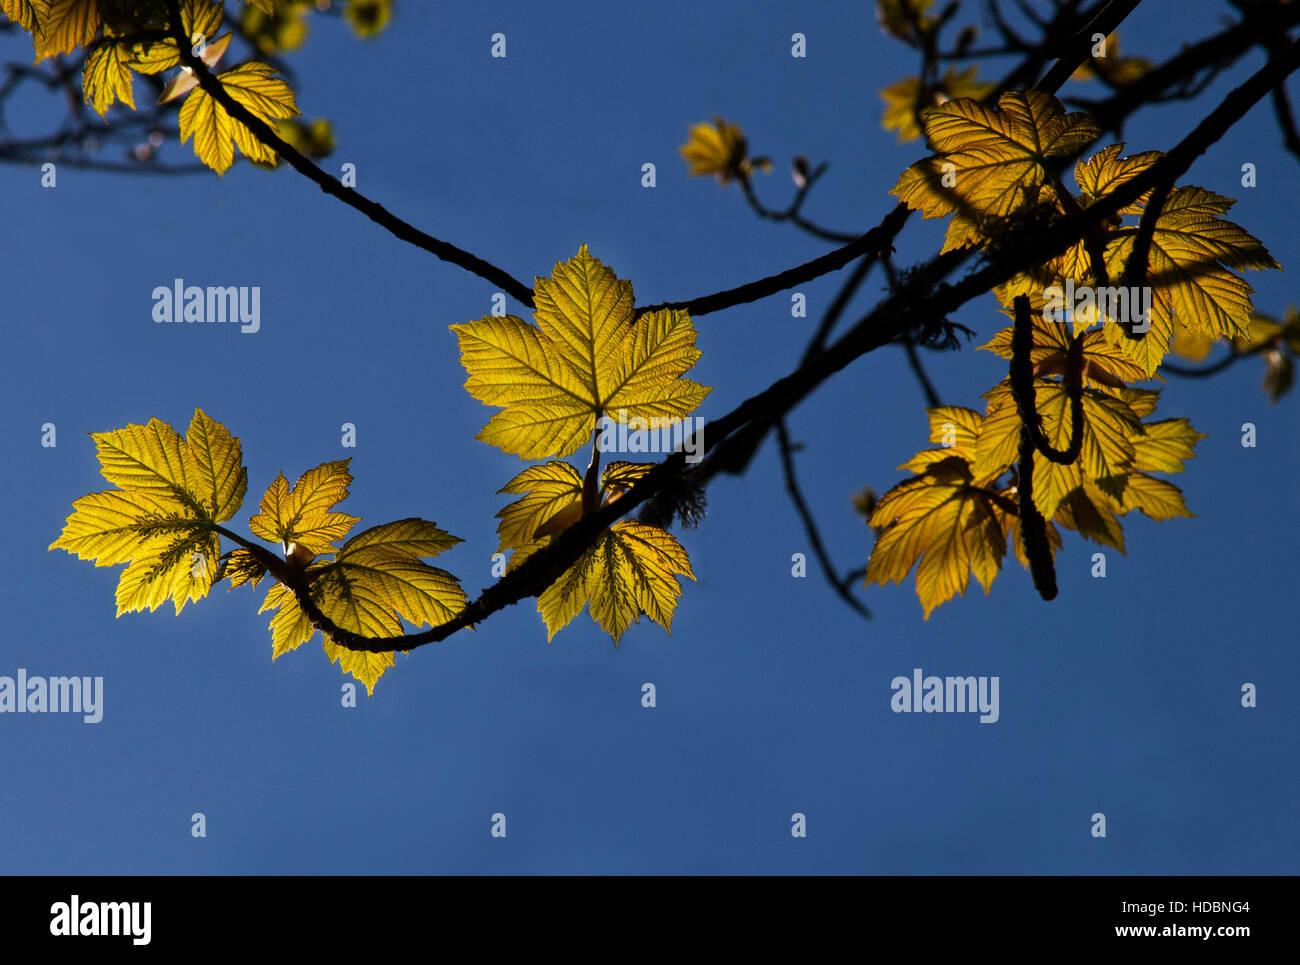 Backlit plane leaves showing leaf detail - Stock Image